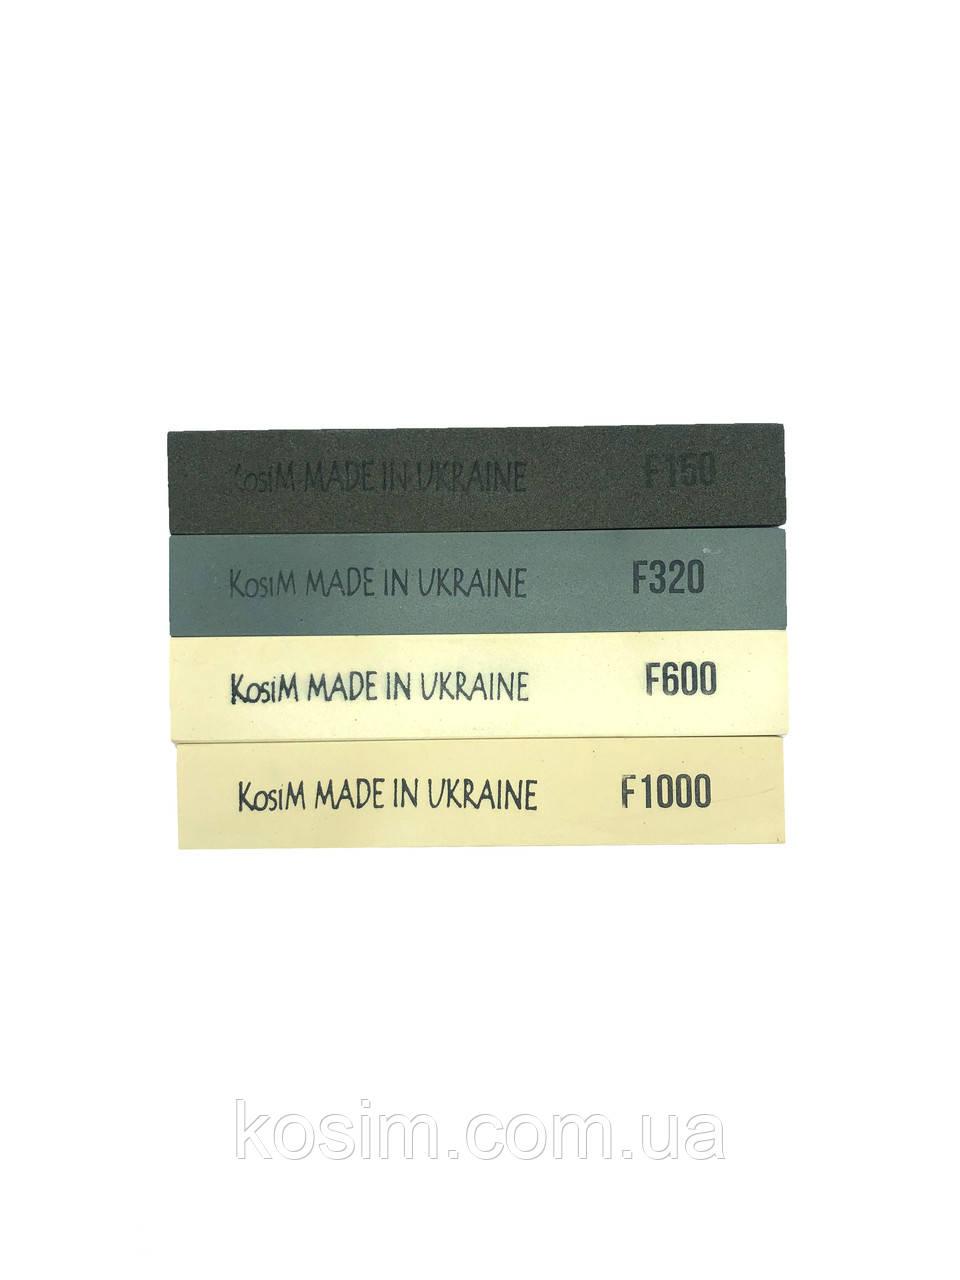 Точильные камни Kosim масляные (F150/320/600/1000) 6 мм Набор 4 шт